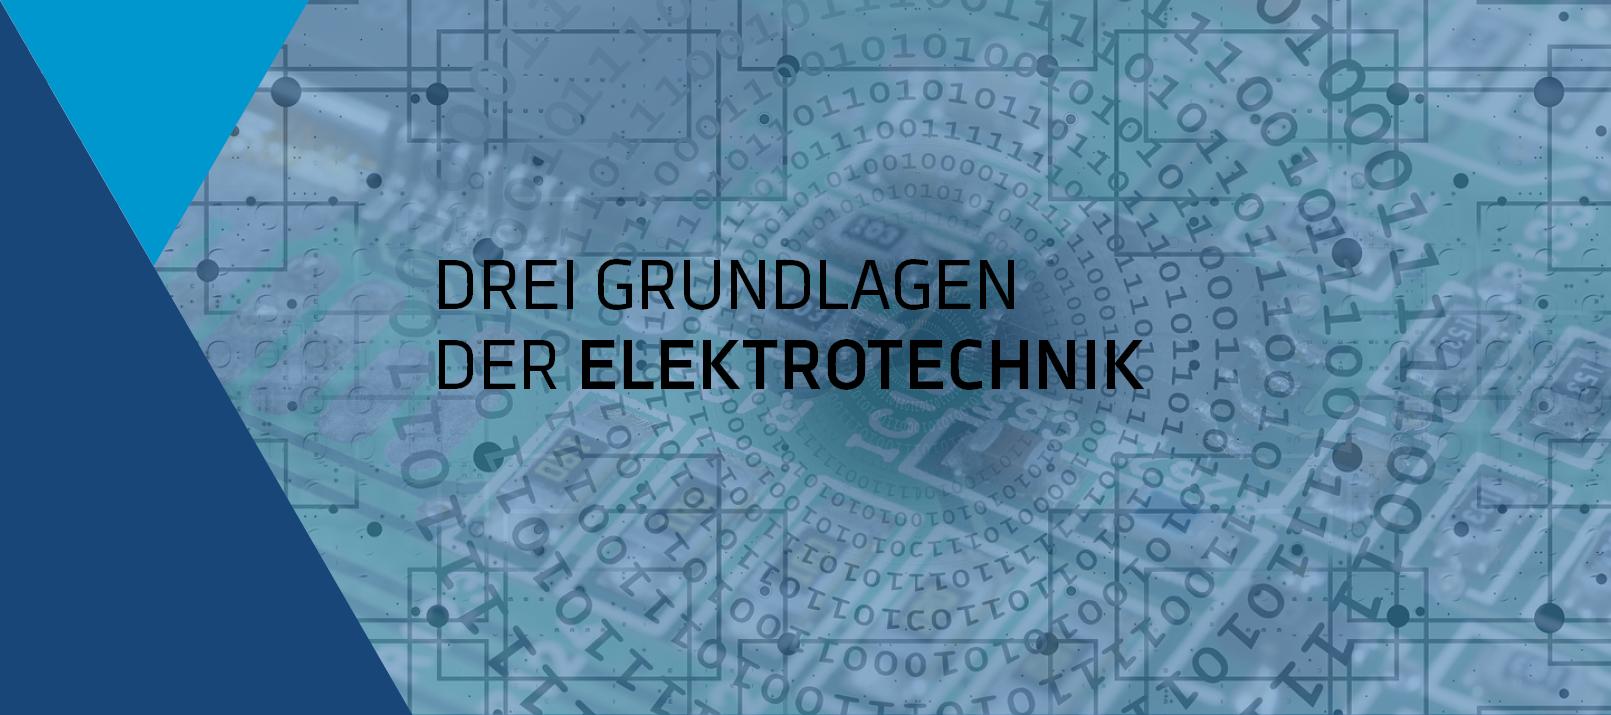 grundlagen-der-elektrotechnik